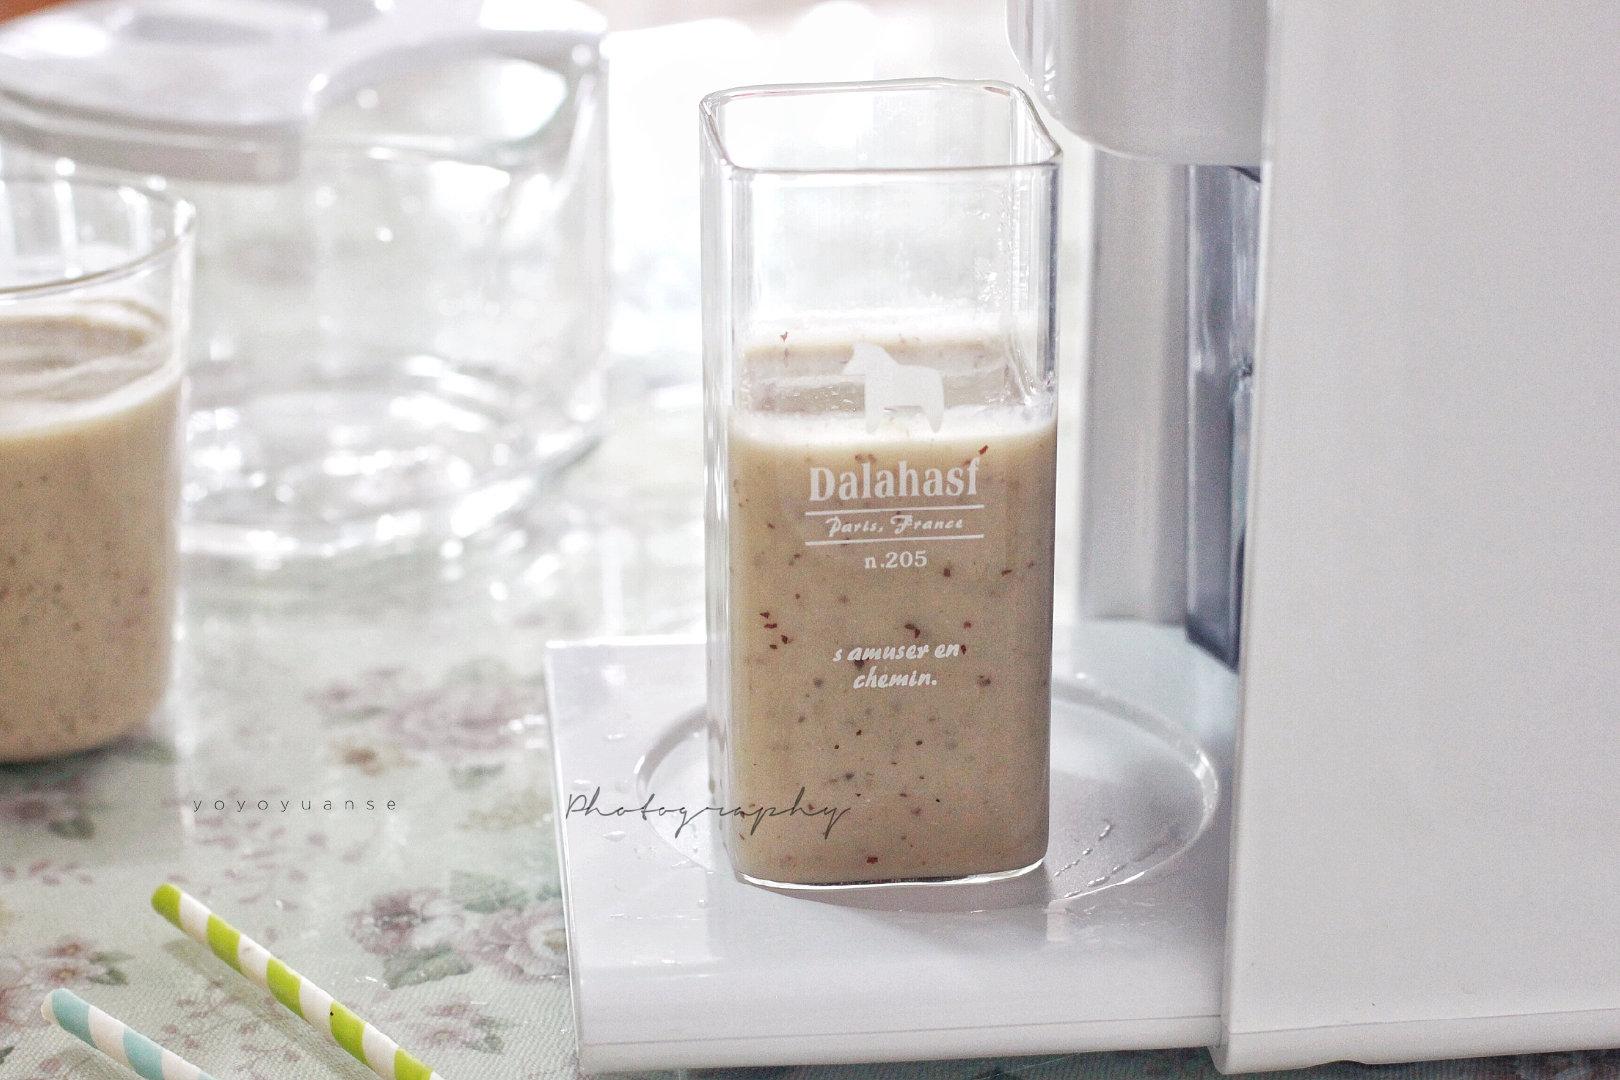 健脾利湿,排湿热全靠它,早餐我就爱喝这款豆浆